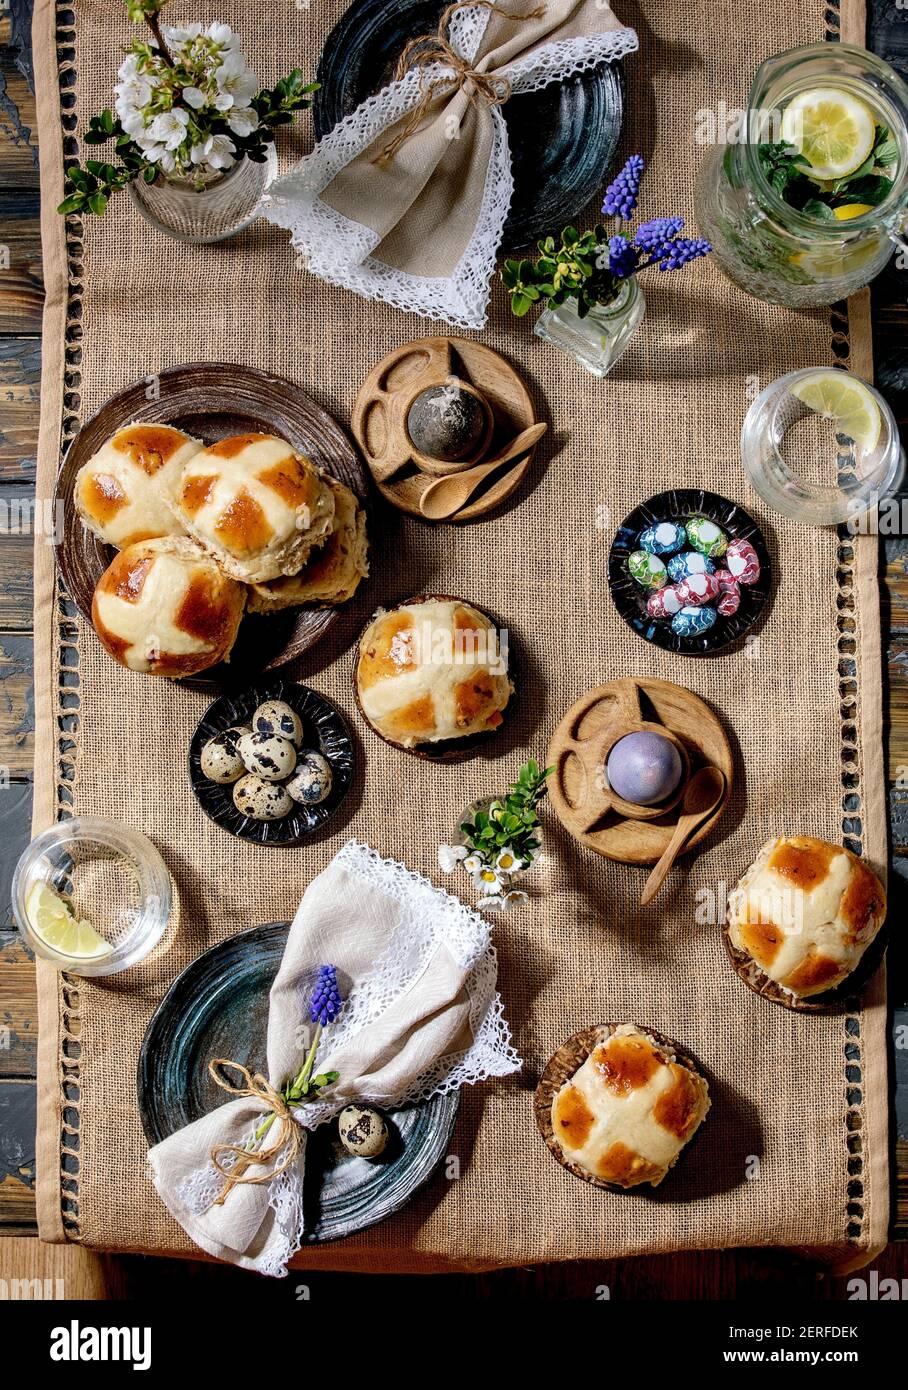 Tavolo pasquale con uova colorate e al cioccolato, mazzi di croce calda, fiori di bouquet, piatto vuoto in ceramica con tovagliolo, bicchiere di bevanda limonata su woo Foto Stock